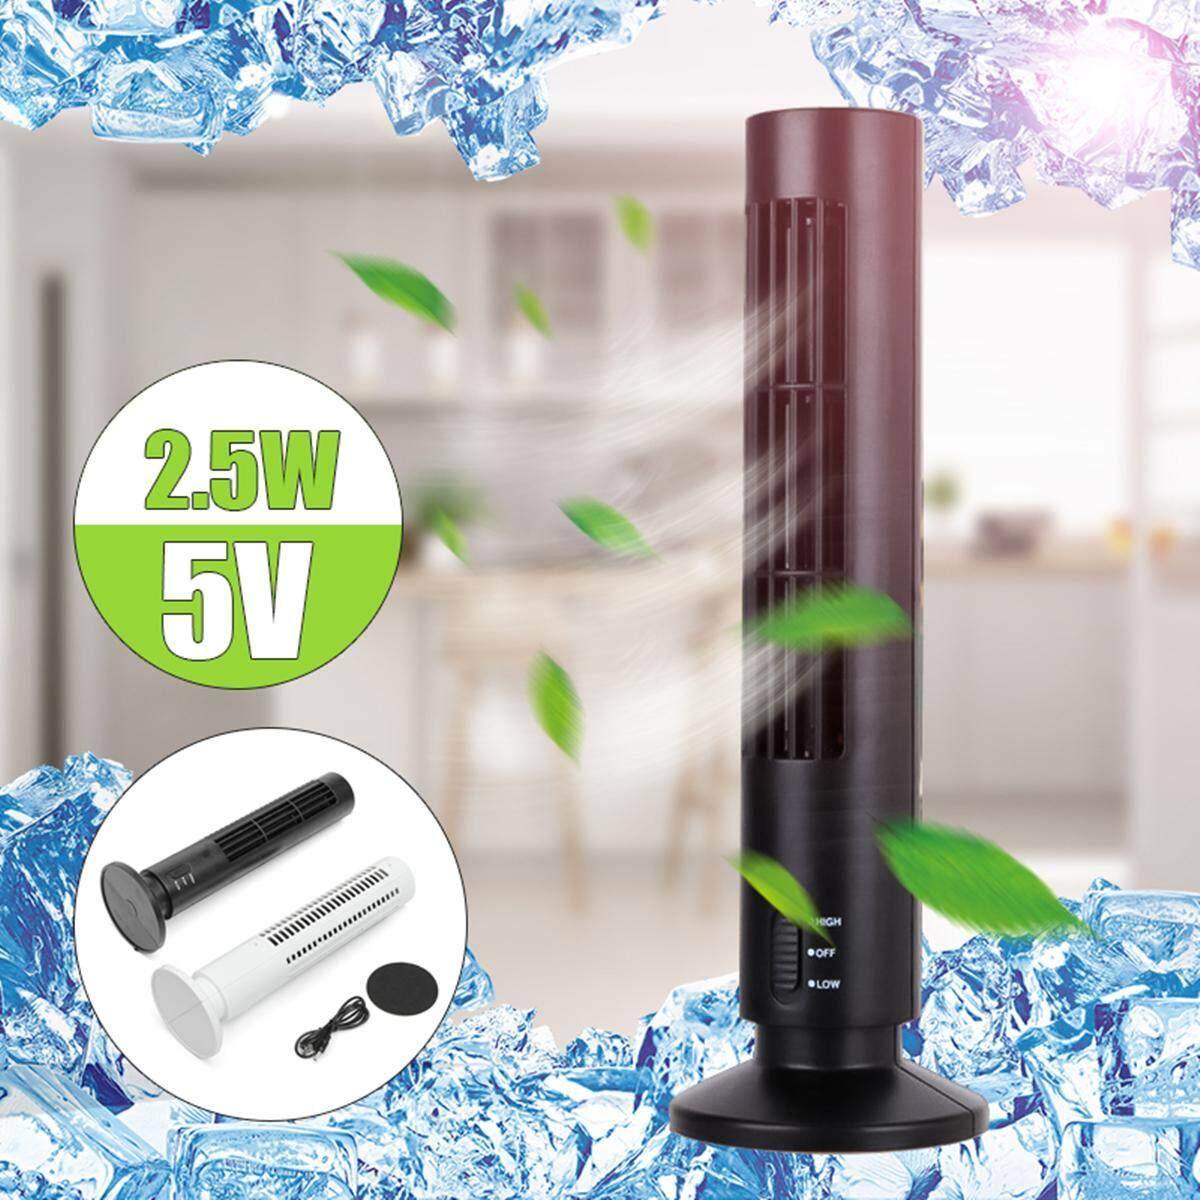 【Free Vận Chuyển + Đèn Flash Deal】Mini USB Di Động Làm Mát Không Khí Điều Hòa Tháp Không Cánh Bladeless Quạt Bàn